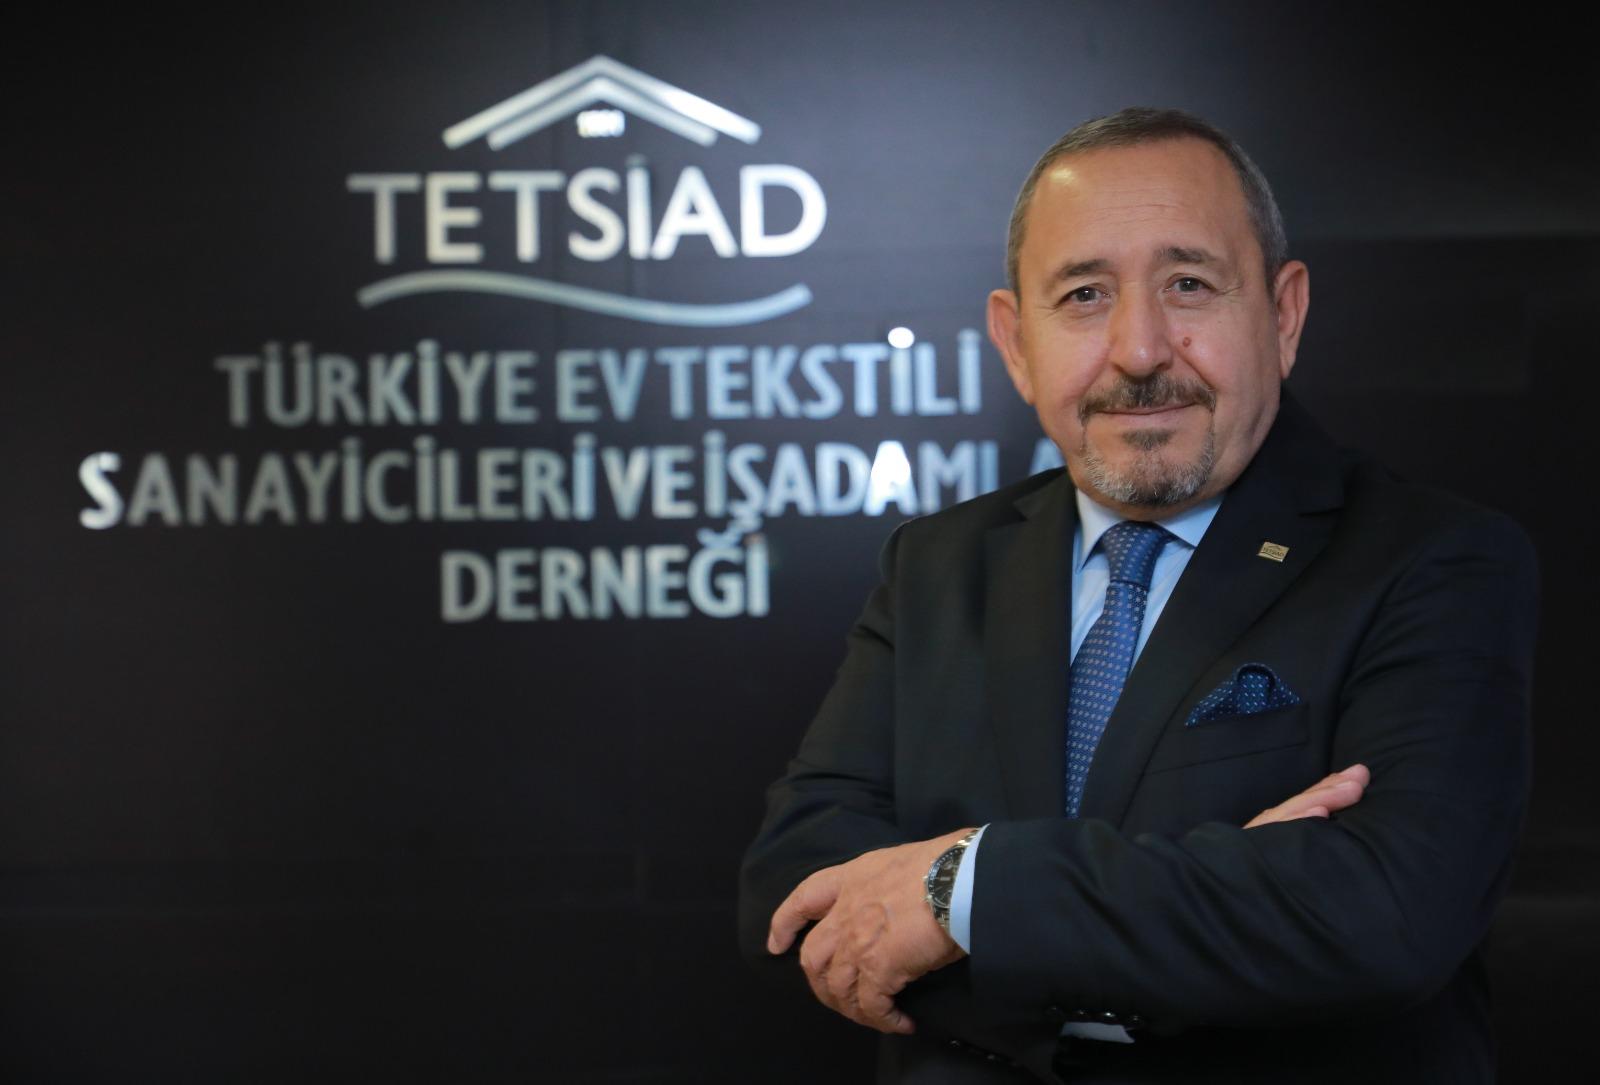 """<p>Türkiye Ev Tekstili Sanayici ve İş İnsanları Derneği (TETSİAD) Başkanı Hasan Hüseyin Bayram, 2020 yılında pandeminin tüm olumsuzluklarına rağmen üyelerinin, sektörün süreçle birlikte dünyada oluşan yeni iş yapış şekilleri, trendler ve pazarlara uyum sağlayarak, geleceğine katkı sunabilmek adına aralıksız çalıştıklarını belirtti.</p> <p></p> <p>TETSİAD Başkanı Hasan Hüseyin Bayram, Pandemi süreci ile birlikte tüm dünyada insan ve toplum sağlığının öncelik olarak alınması ile iş yapış şekillerinden tüketici alışkanlıklarına, sosyal yaşamdan ticaret anlayışına kadar birçok konuda köklü değişikliklerin oluştuğunu vurguladı. Sürecin zorluklarla birlikte oluşan yeni bir dünya düzeni ve yeni fırsatları da beraberinde getirdiğini belirterek, üyelerini ve sektör temsilcilerini gidişattan haberdar ederek, sürece uyum sağlamalarına destek vermek amacıyla düzenli aralıklarla ve alanlarında uzman konuşmacı olarak katılımları ile seminerler gerçekleştirdiklerini anlattı.</p> <p></p> <p>Pandemi ile birlikte dünyada oluşan yeni ekonomi düzenine ayak uydurmak için dünyada oluşan yeni trendleri yakından takip ettiklerini anlatan Hasan Hüseyin Bayram, """"Teknolojinin son yıllardaki hızlı gelişimi ile iş yaşamında yeni bir dönemi başlatan dijitalleşme süreci, pandemi ile birlikte daha da hızlandı ve artık olmazsa olmaz hale geldi. Bizler de toplantılarımızı, seminerlerimizi, iş görüşmelerimizi sanla platformları kullanarak gerçekleştiriyor, işlerimizi dijital dünya üzerinden takip ediyoruz. Yanı sıra artık son yıllarca gittikçe globalleşen dünyada sınırlar iyice ortadan kalktı ve teknoloji sayesinde artık kıtalar ötesine rahatlıkla ulaşılabiliyor ve ticaret yapılabiliyor. İş toplantıları, sözleşmeleri ve hatta fuarlar dahi artık dijital dünya üzerinden yapılabiliyor ve ürünleriniz sergilenebiliyor"""" dedi.</p> <p></p> <p>Yeni dünya düzeninde güçlü bir şekilde yer bulabilmenin yolunun dünya genelinde değişen tüketim alışkanlıklarına uygun bir şekilde kaliteli ve nitelikli ürünler üretere"""